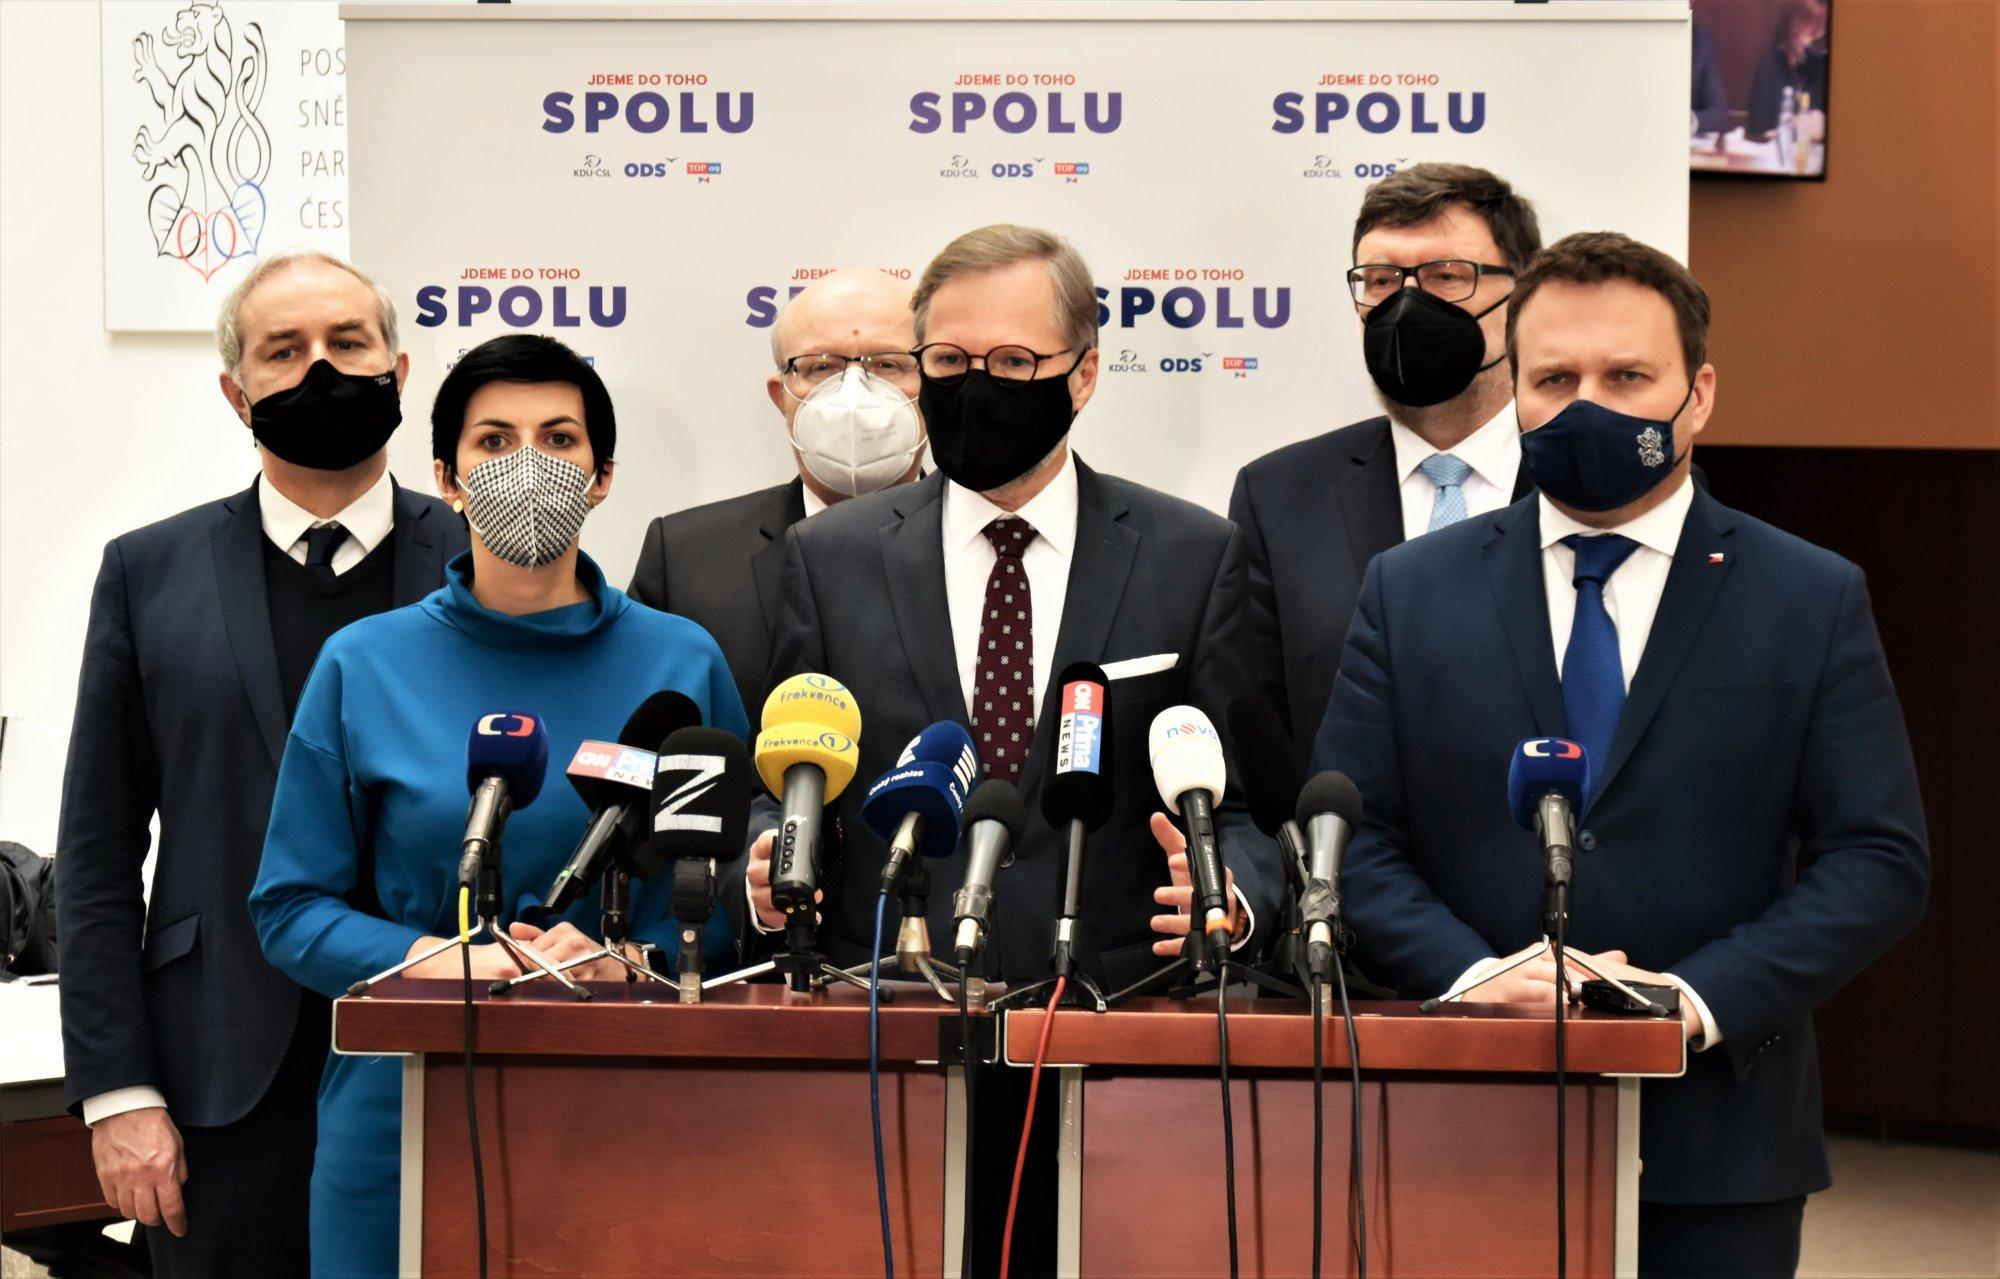 SPOLU: Máme plán na řešení pandemie po skončení nouzového stavu